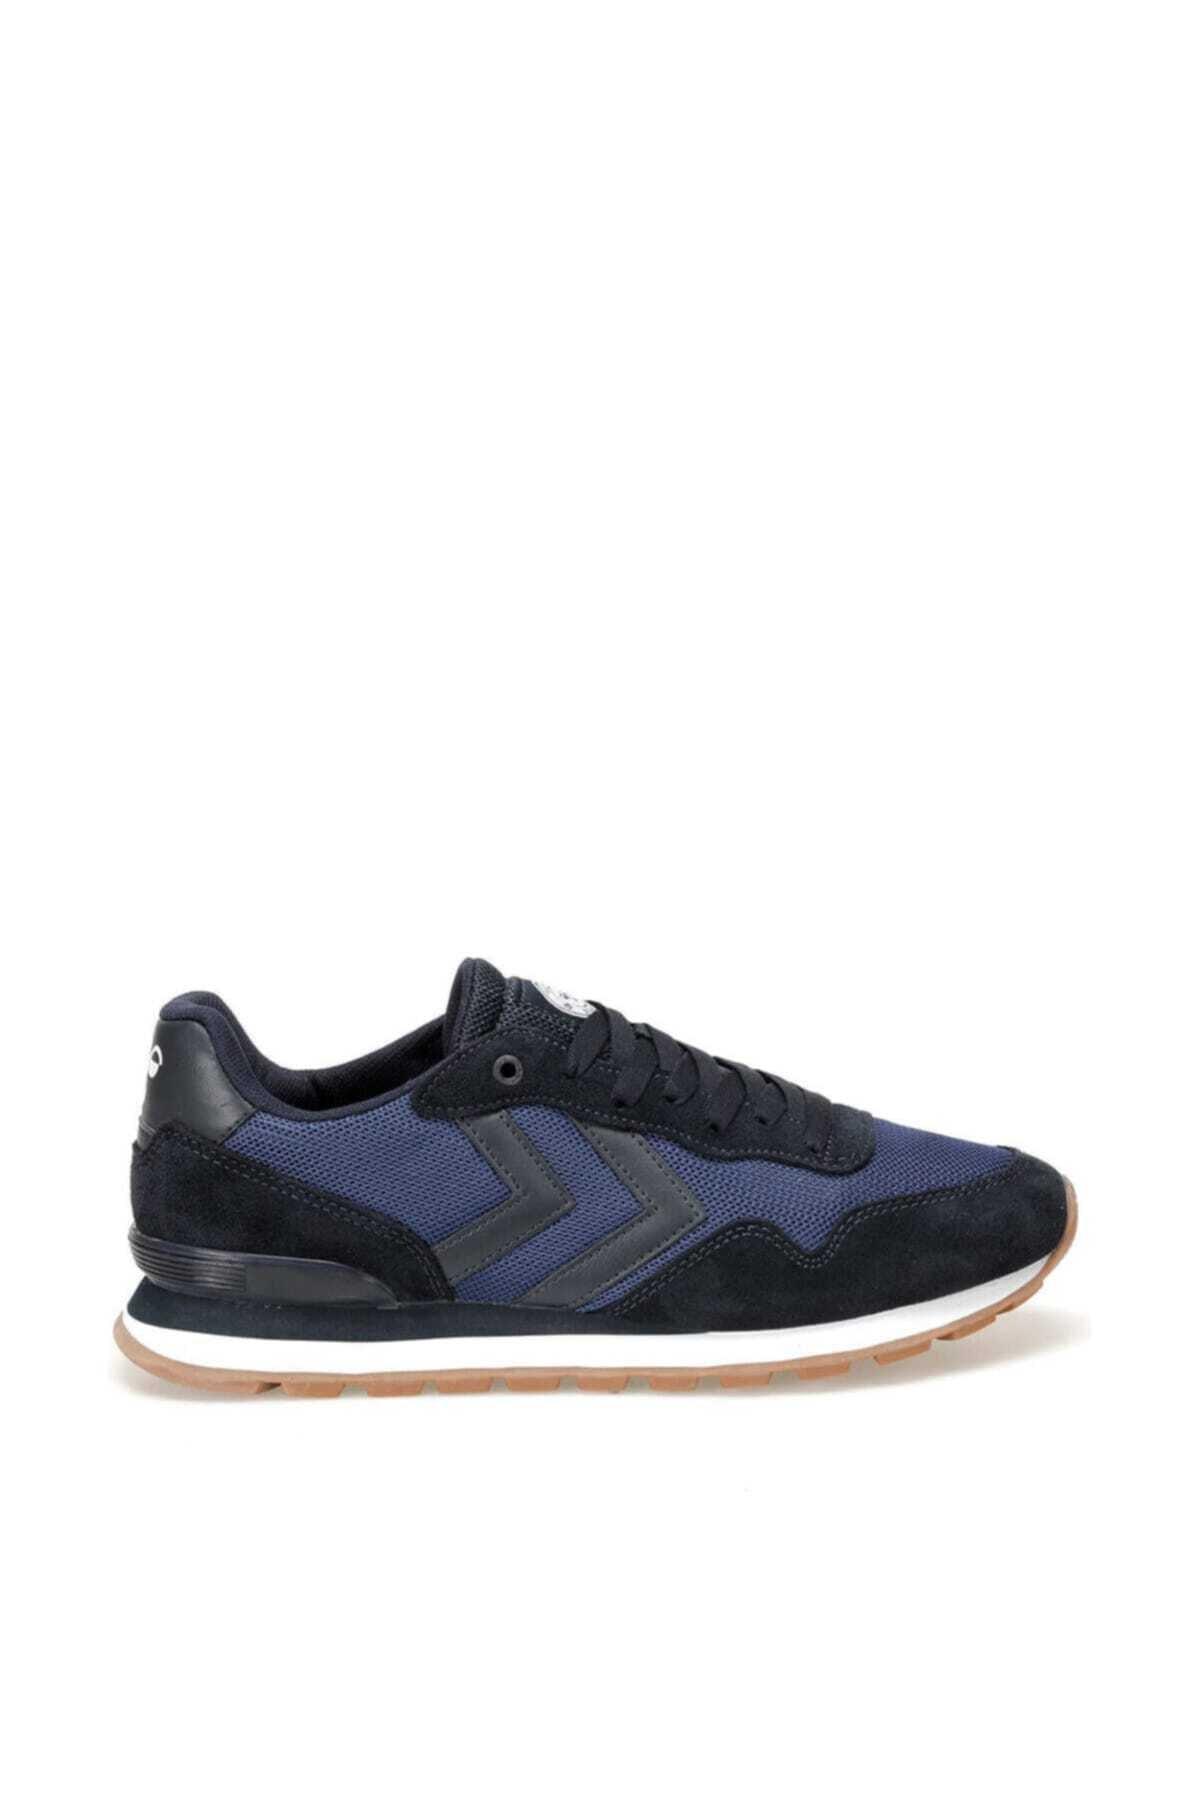 HUMMEL Hmlthor Lifestyle Shoes Koyu Lacivert Beyaz Erkek Sneaker Ayakkabı 100406432 1